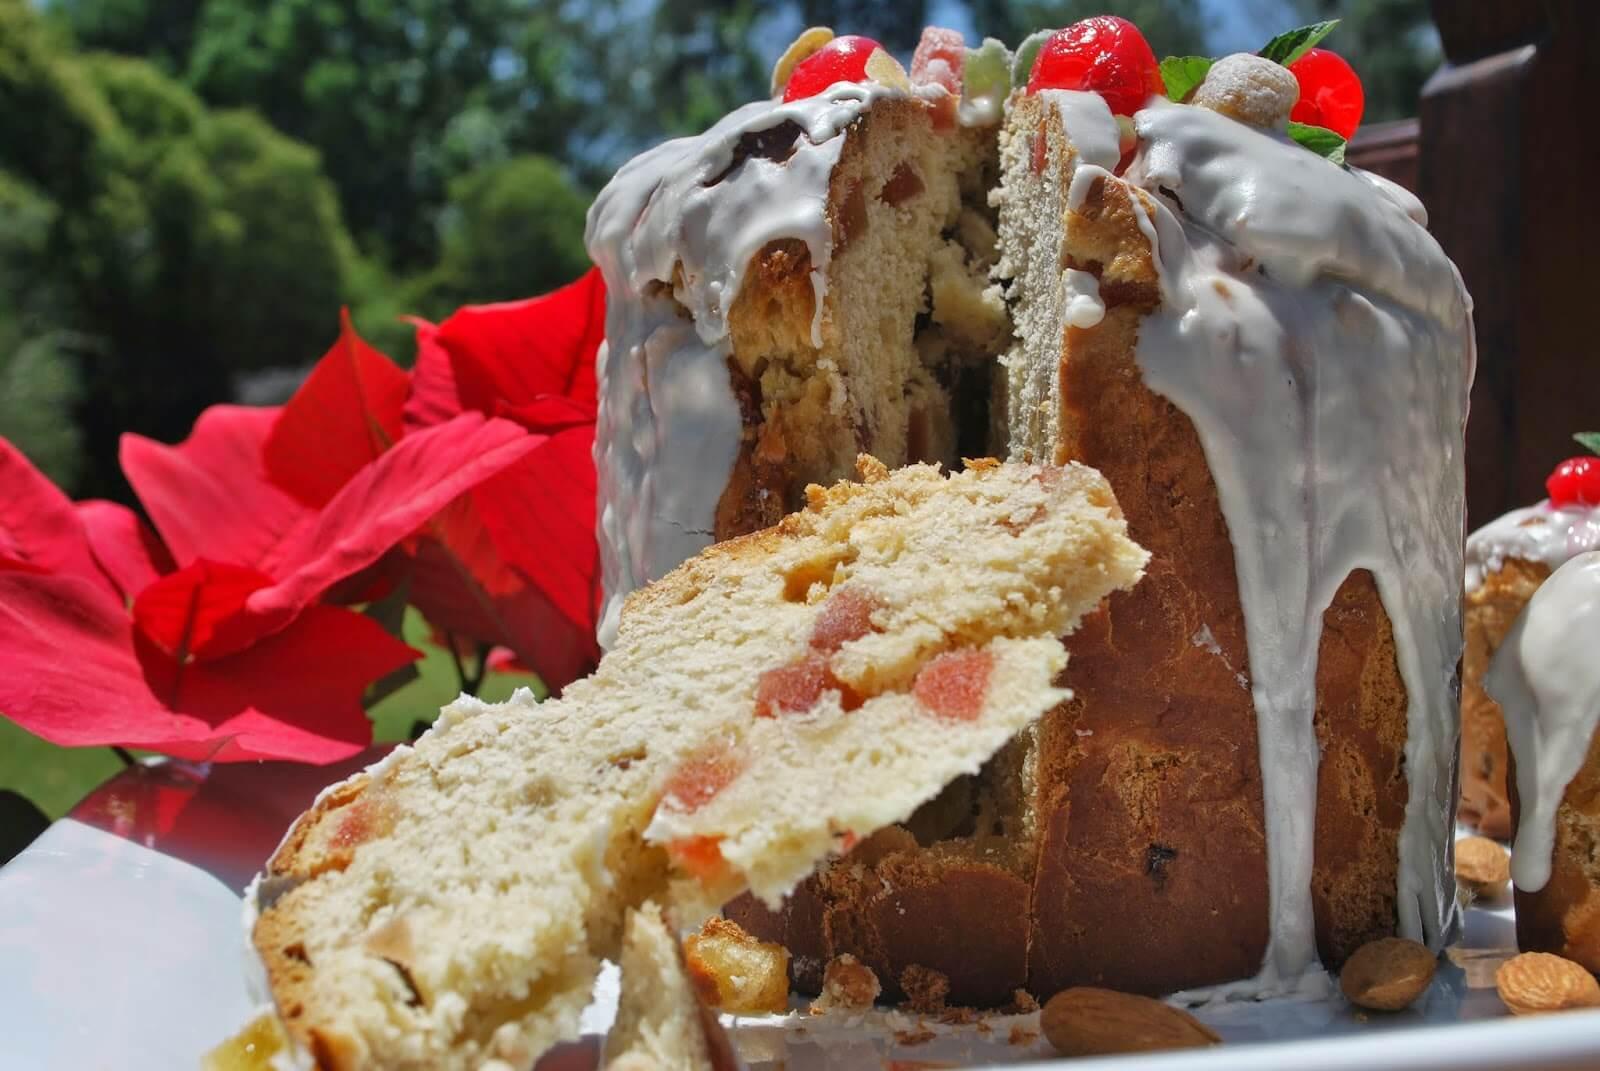 Recetas de pan dulce de navidad utilisima